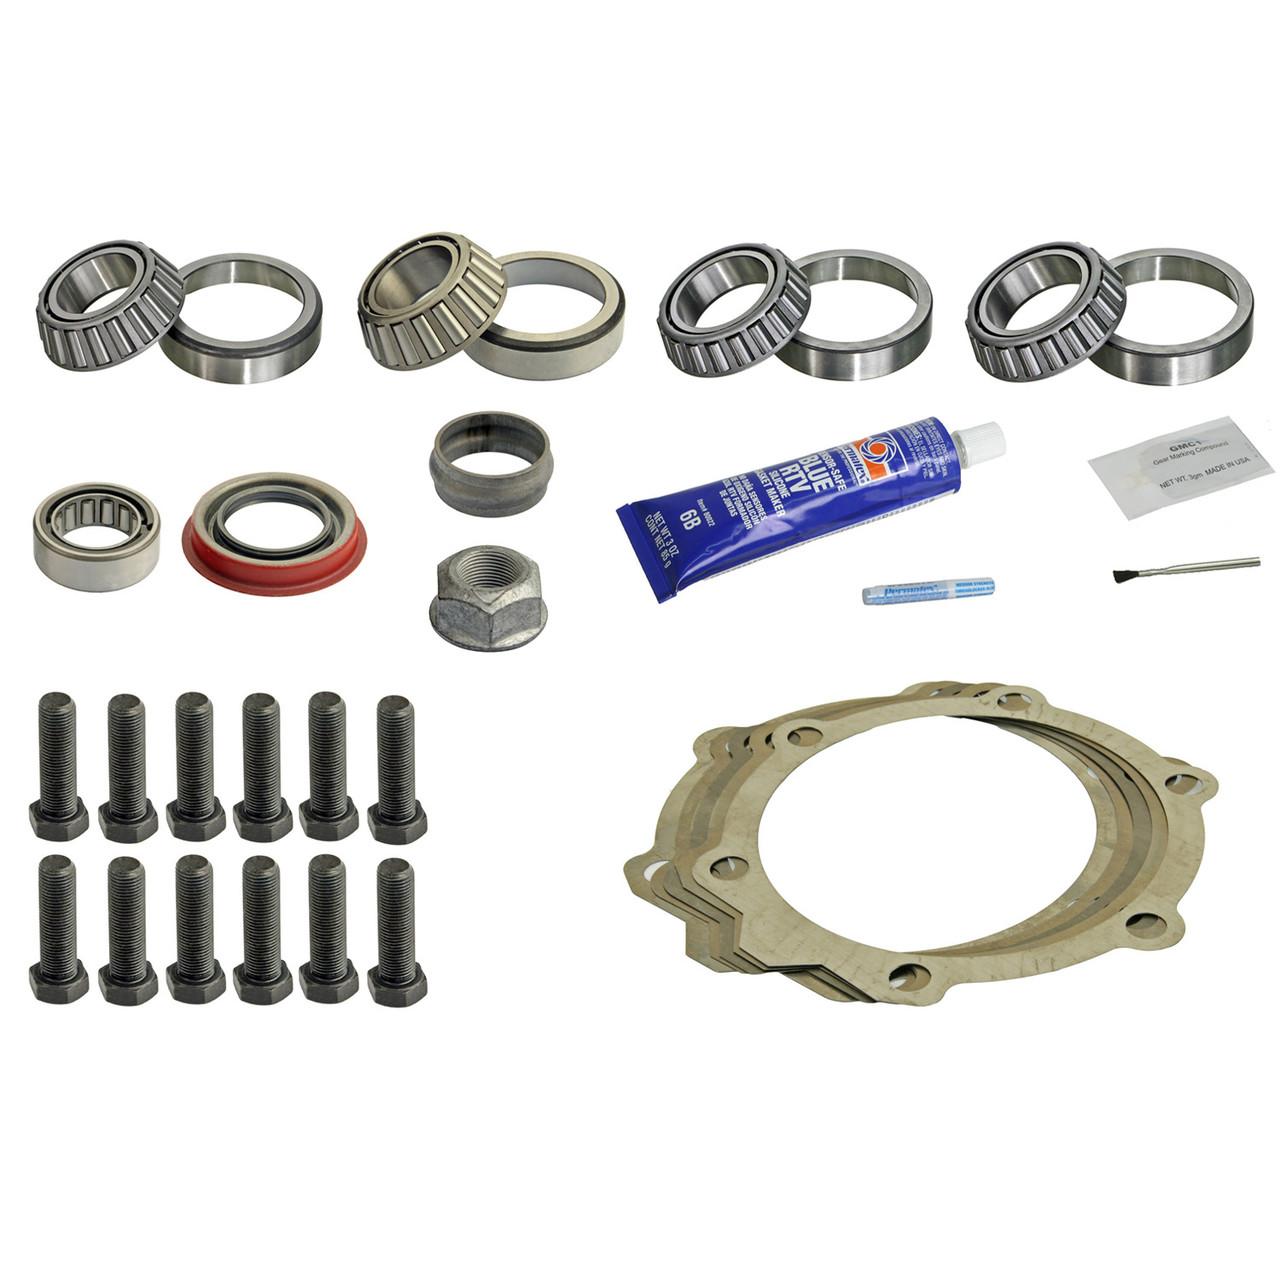 DRK325MK GM 10 5 14 Bolt Master Timken Differential Bearing Kit